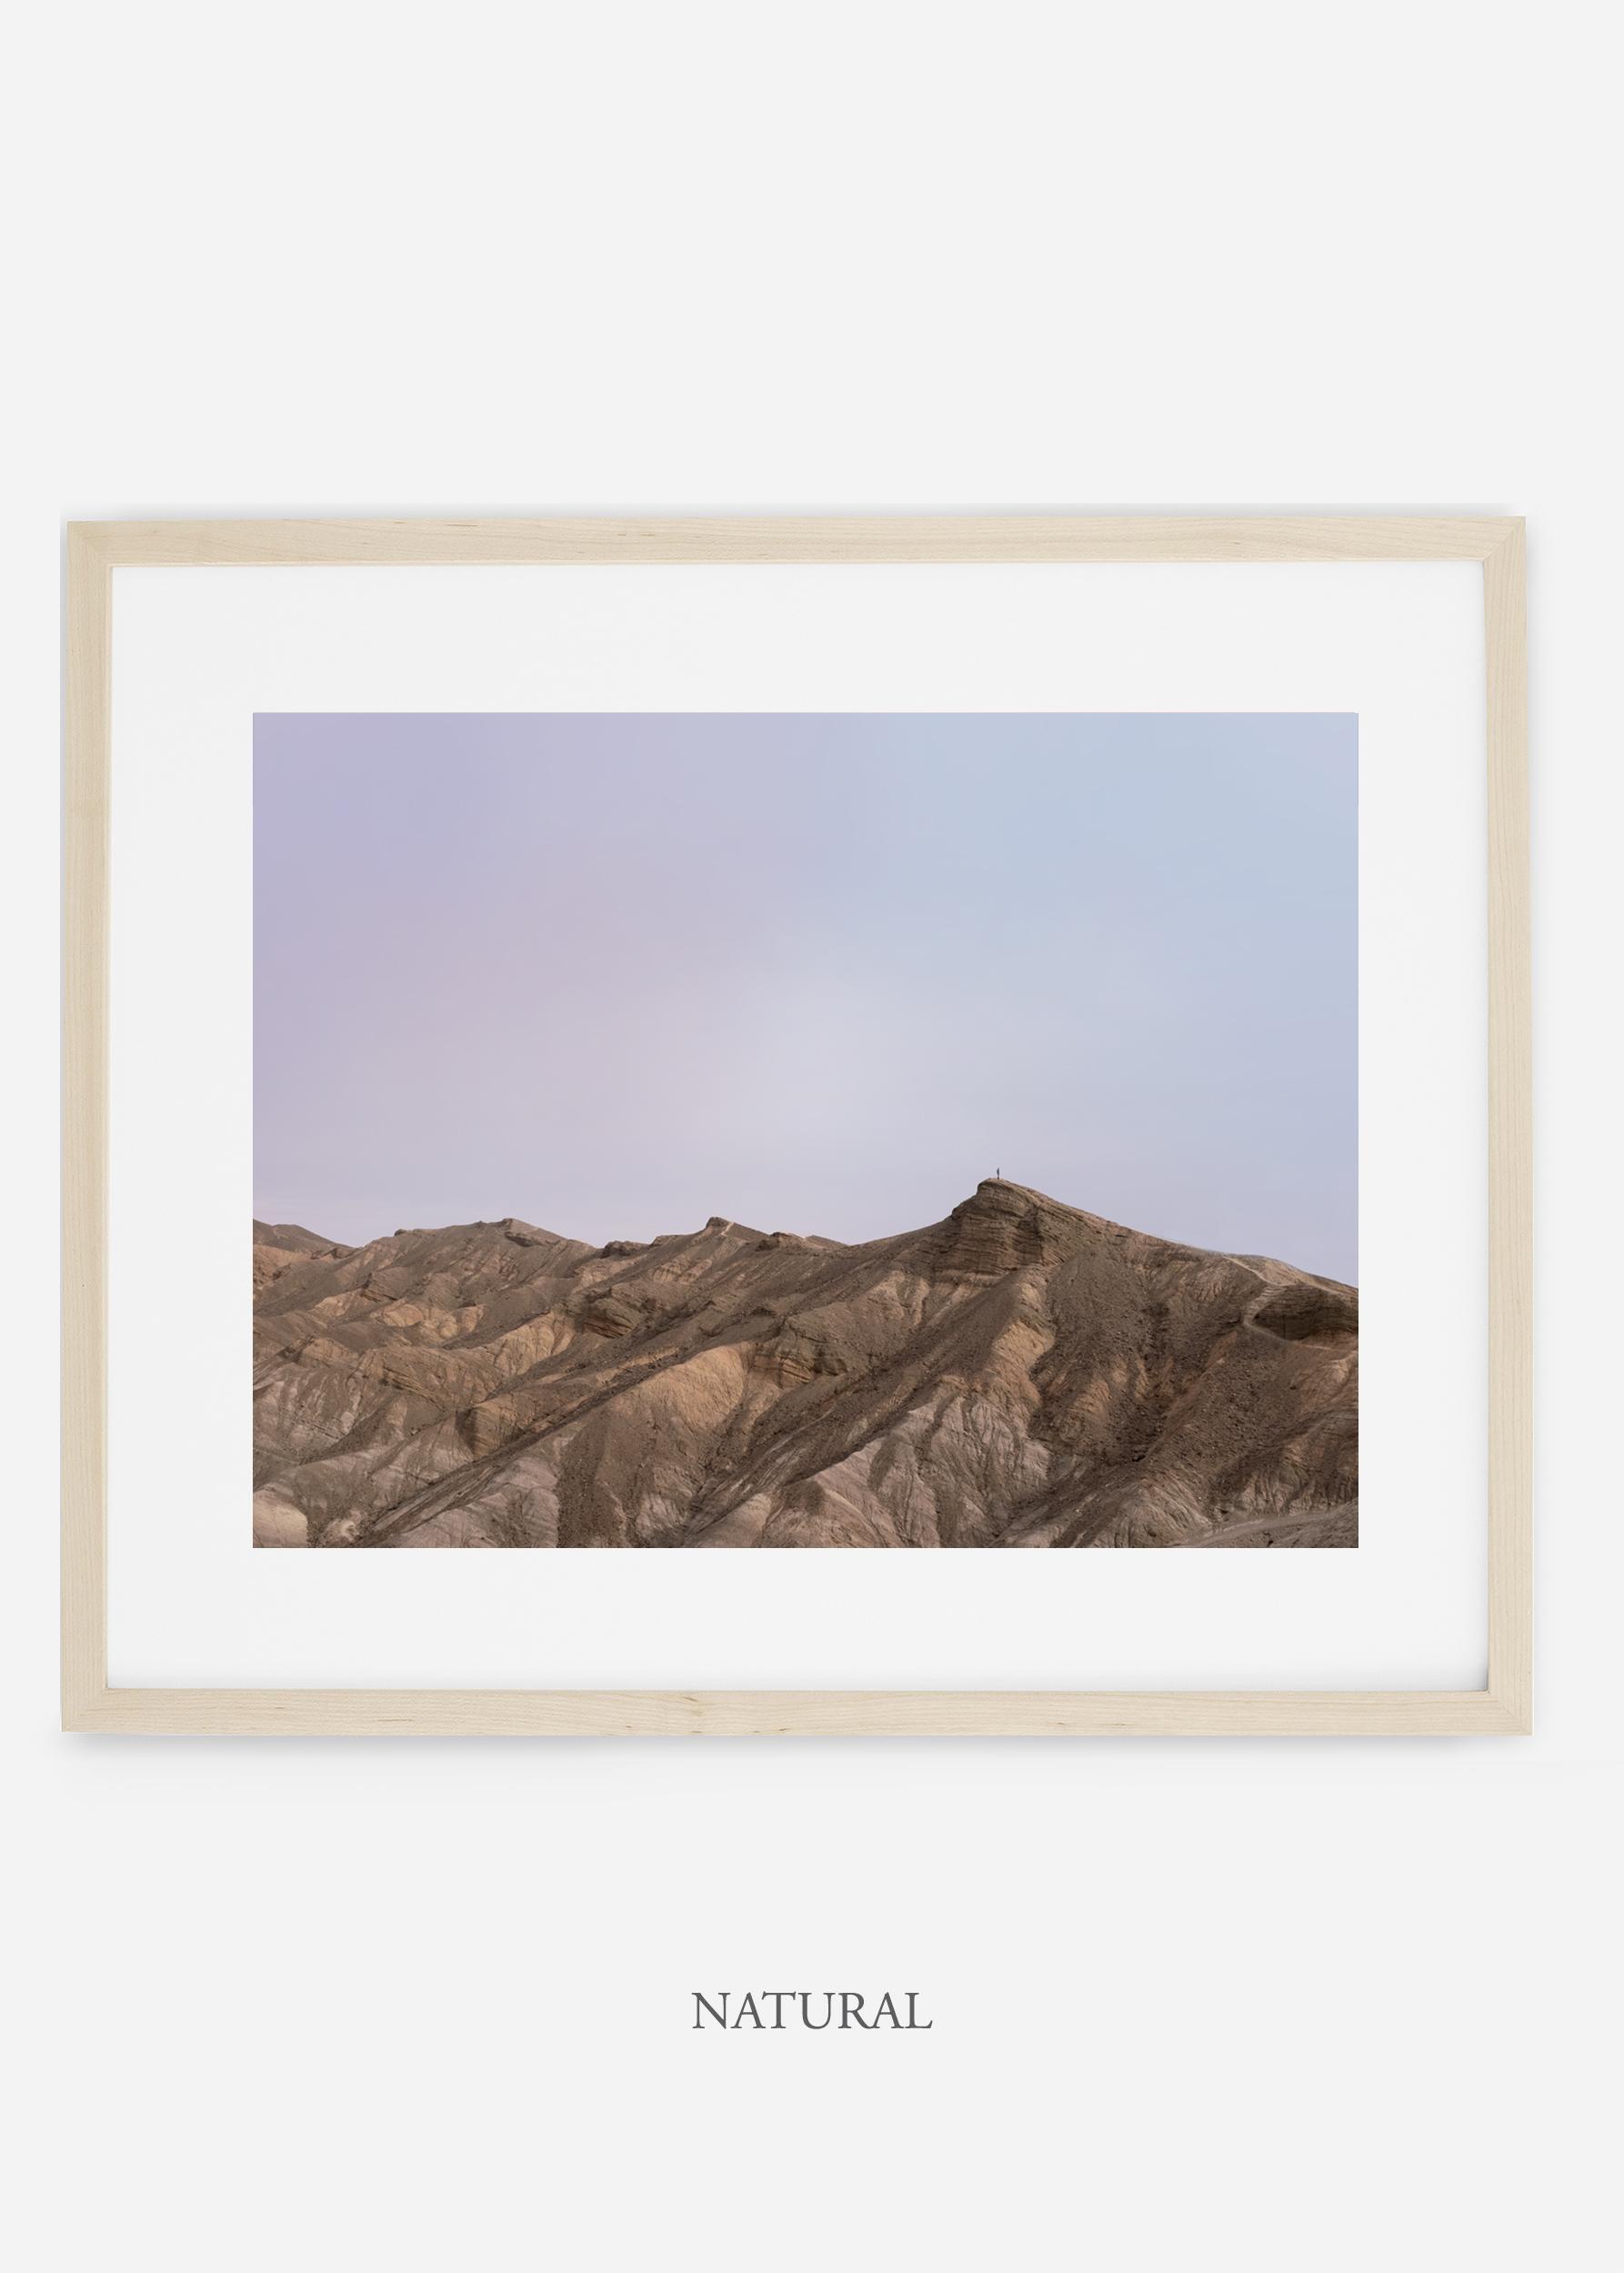 wildercalifornia_naturalframe_deathvalley_12_minimal_desert_art_interiordesign_blackandwhite.jpg